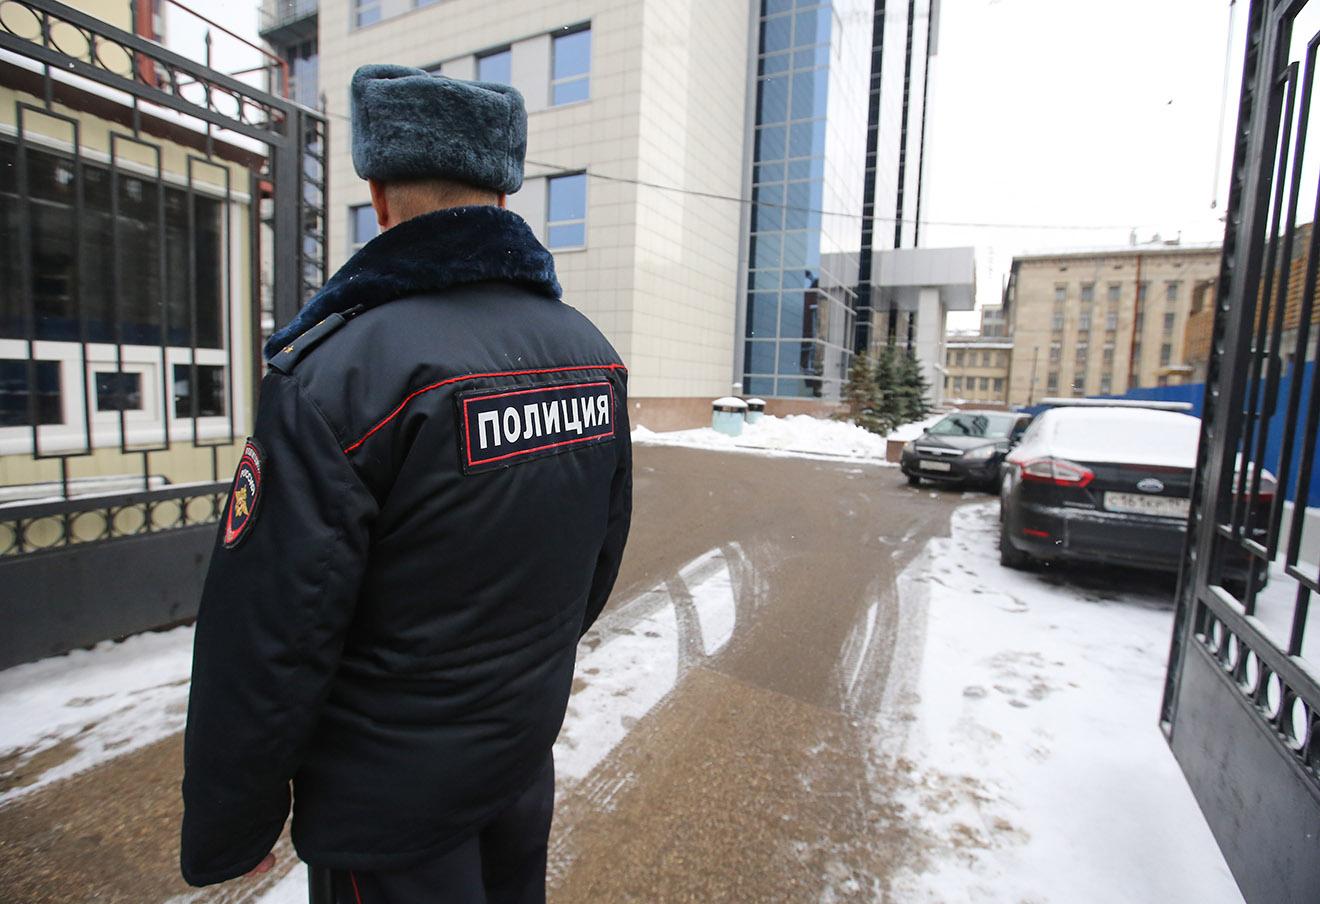 У входа в здание Следственного комитета РФ, 15 ноября 2016 года. Фото: Антон Новодережкин / ТАСС